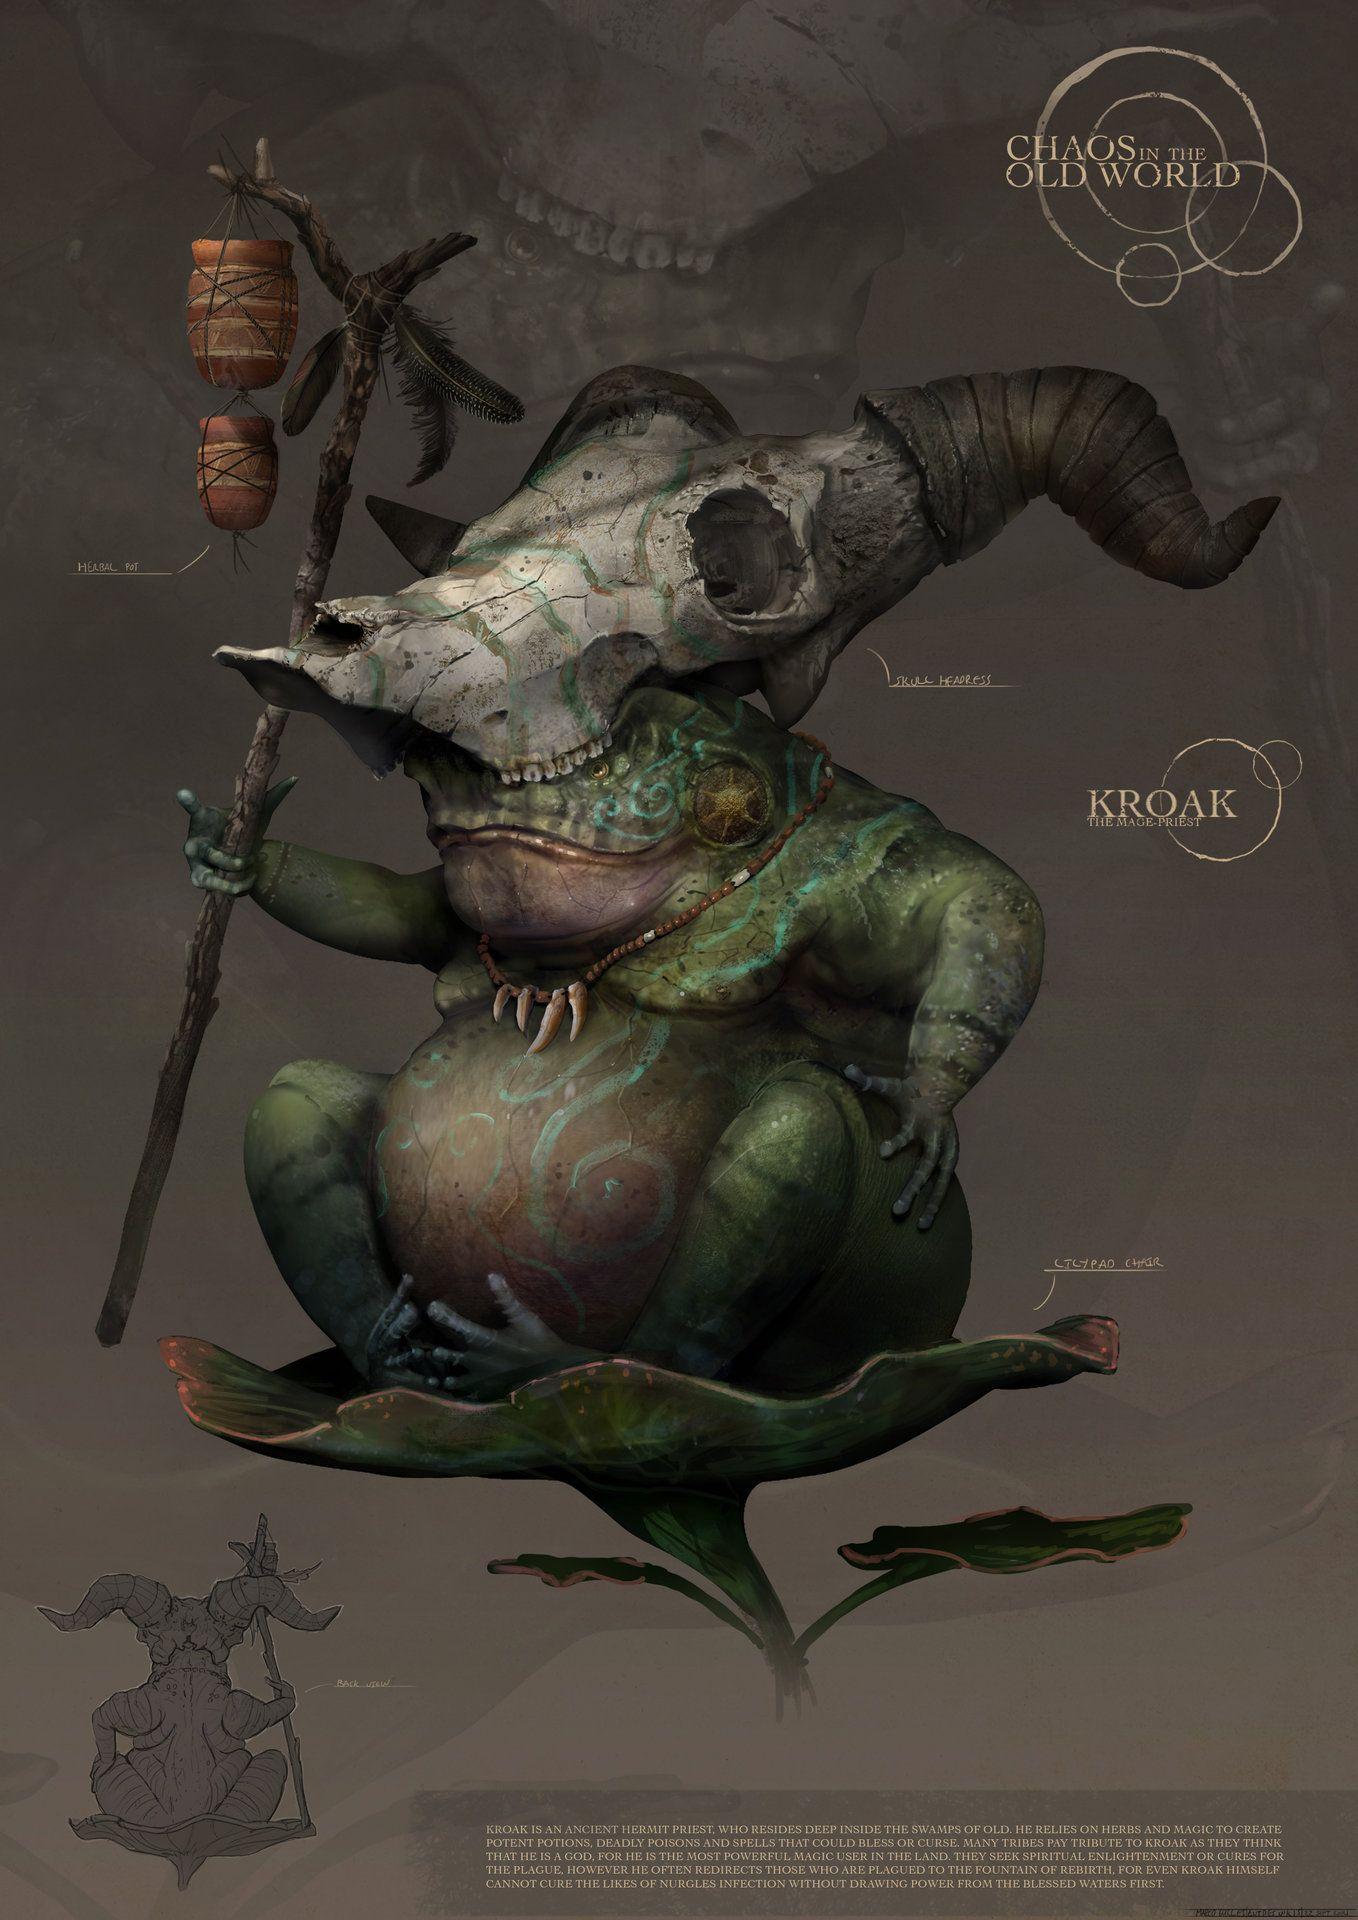 ArtStation - Chaos in the old World: Kroak , Marco Gorlei